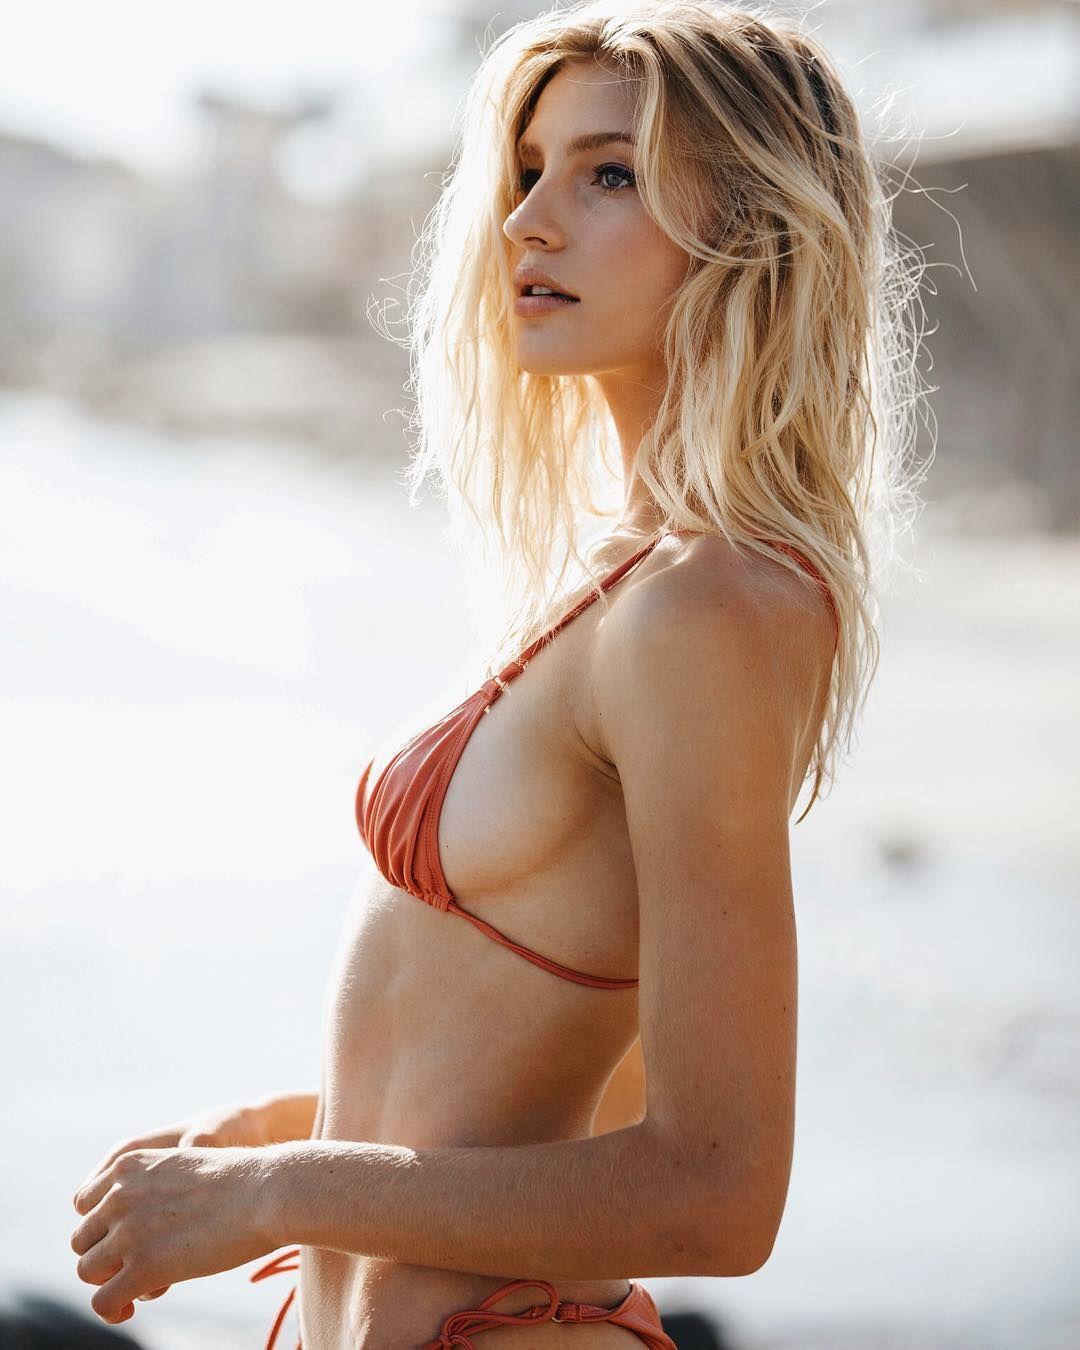 Tessa Greiner nudes (97 pics), images Erotica, Instagram, braless 2016